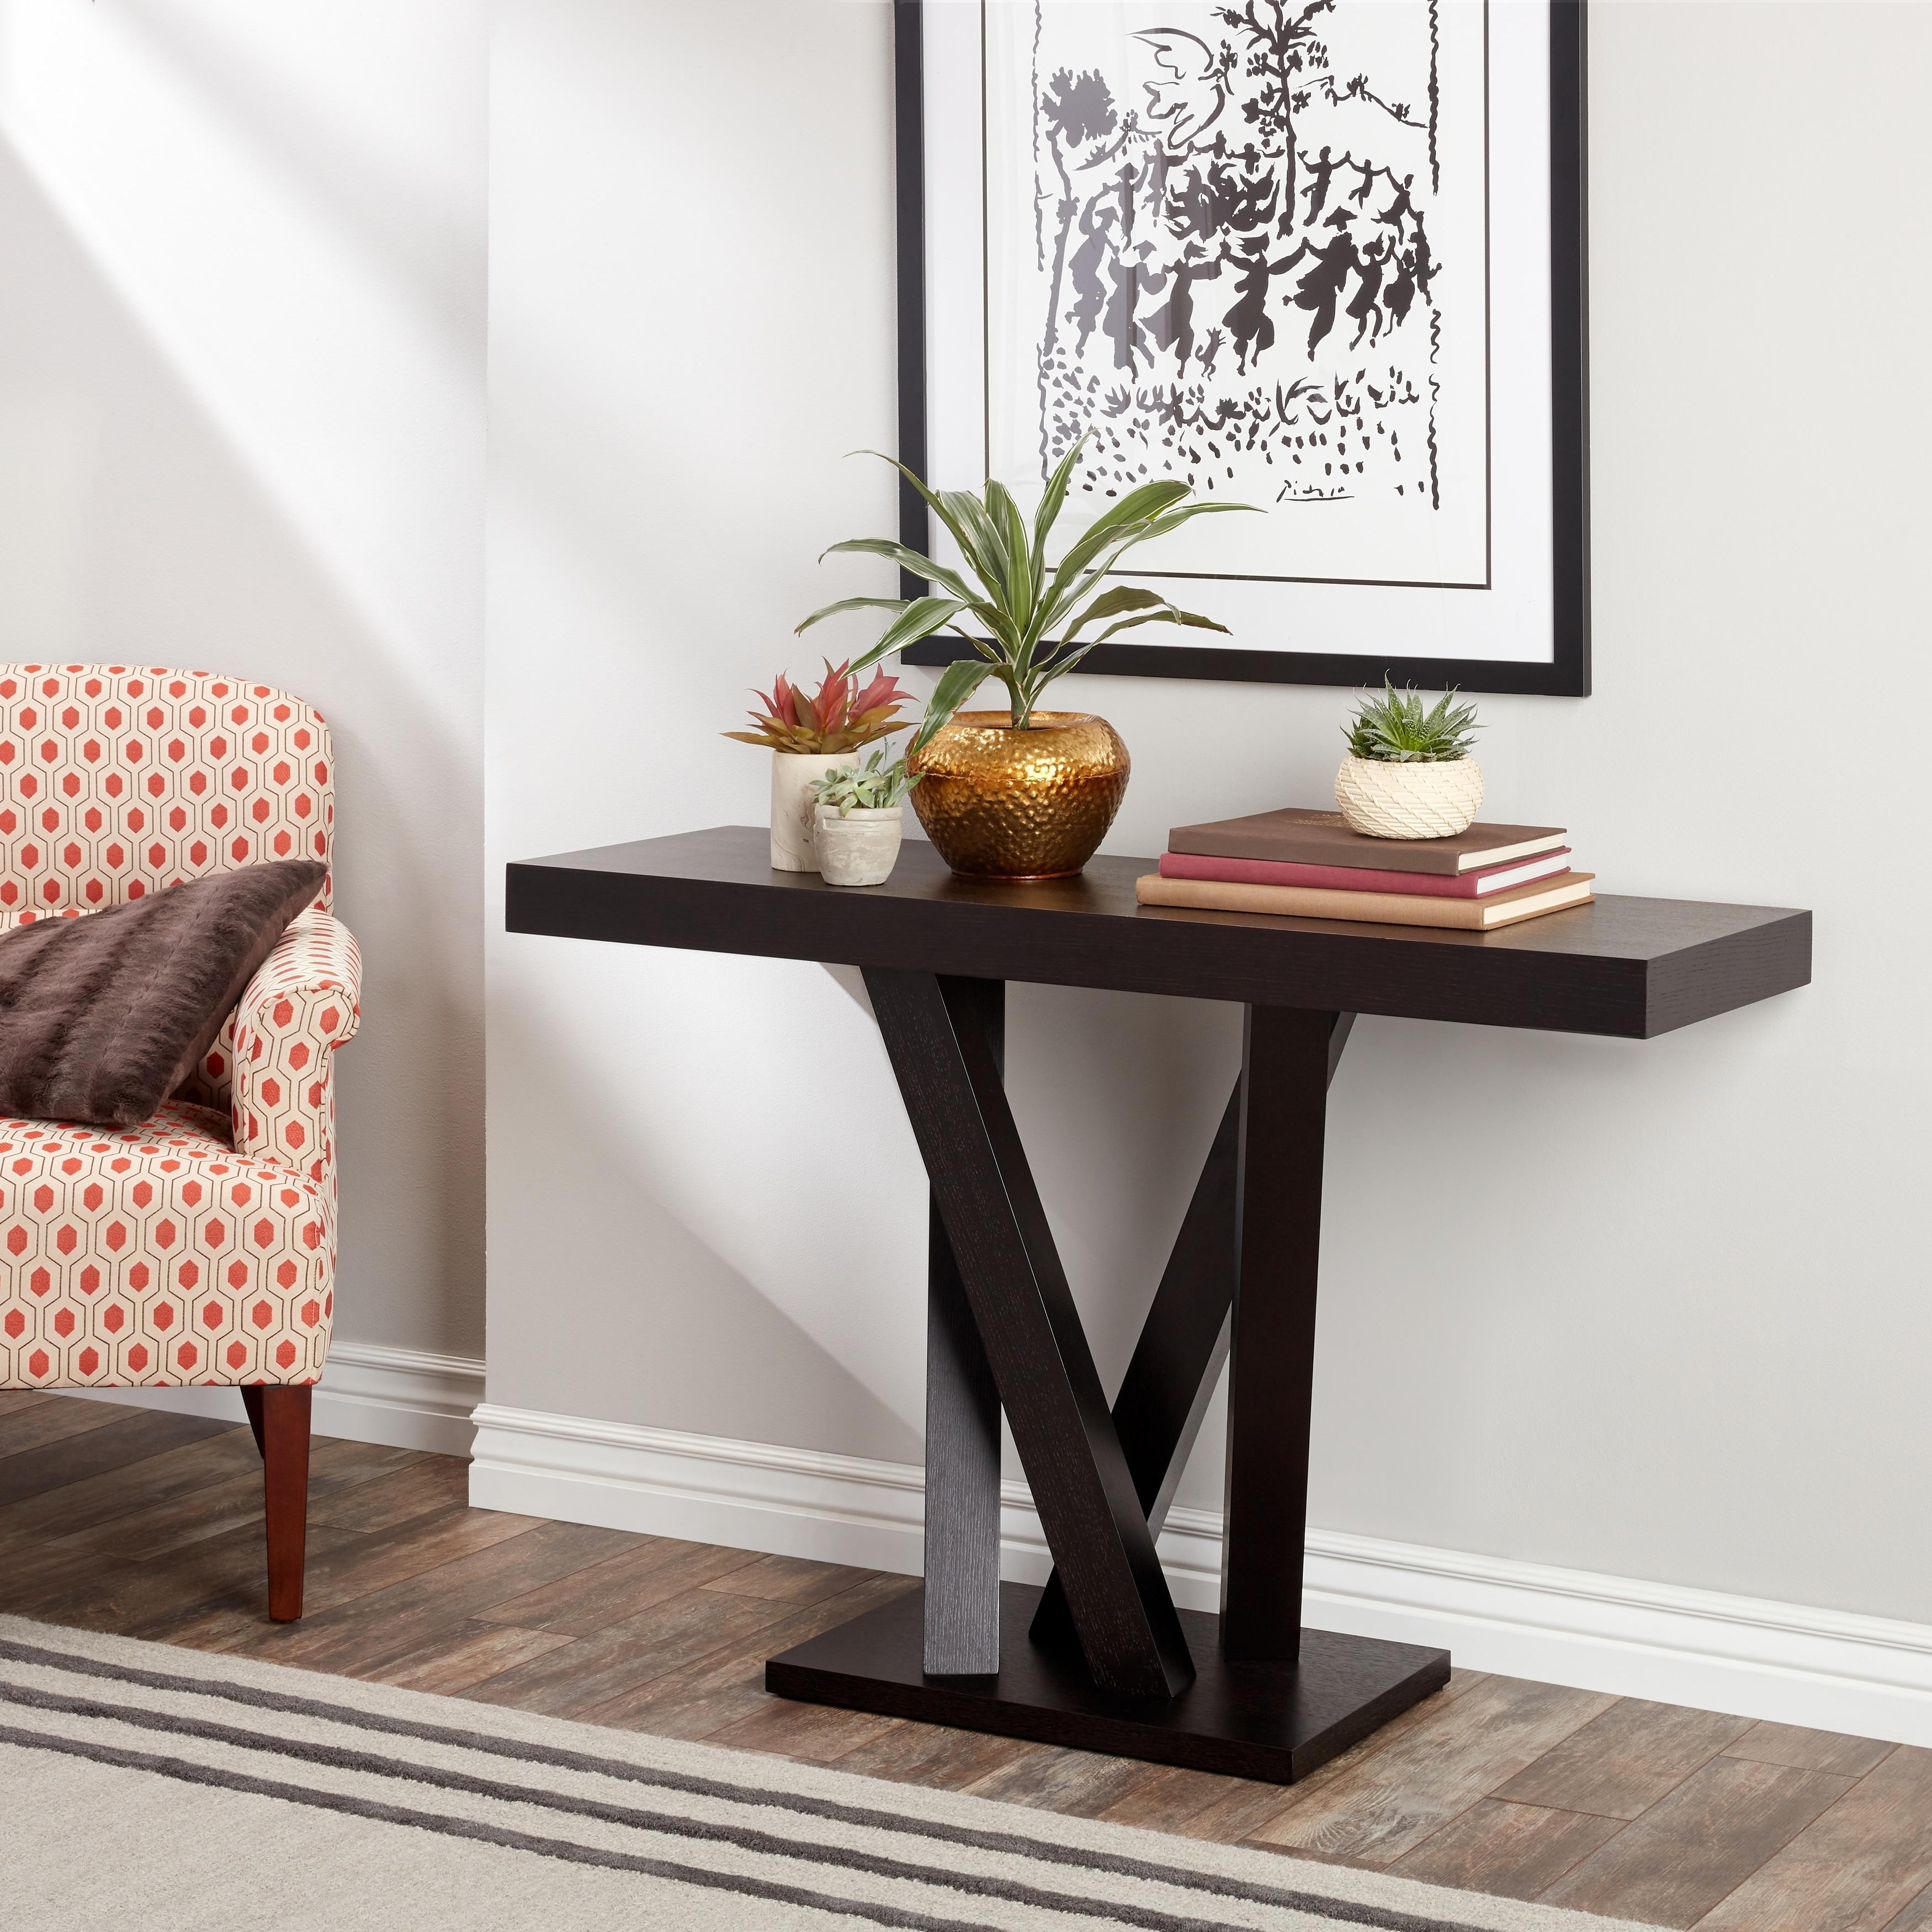 Abbyson Cosmo Espresso Wood Sofa Table (Espresso), Brown